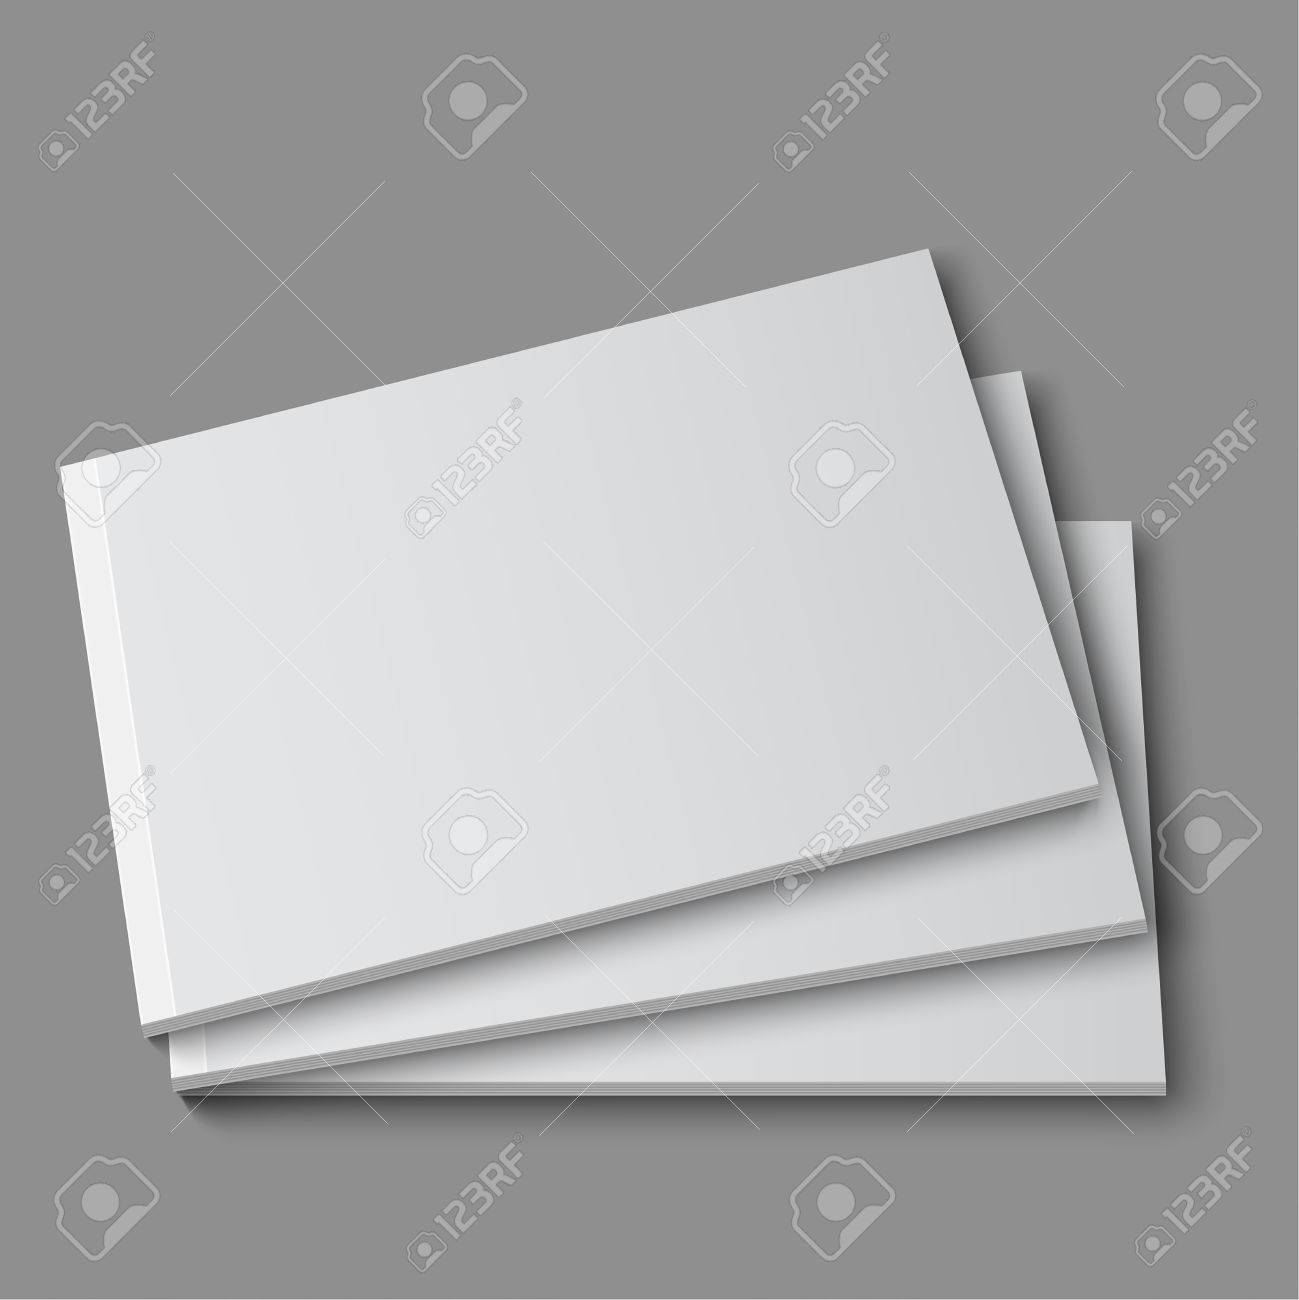 Revista En Blanco Vacío, álbum O Plantilla Libro Acostado En Un ...